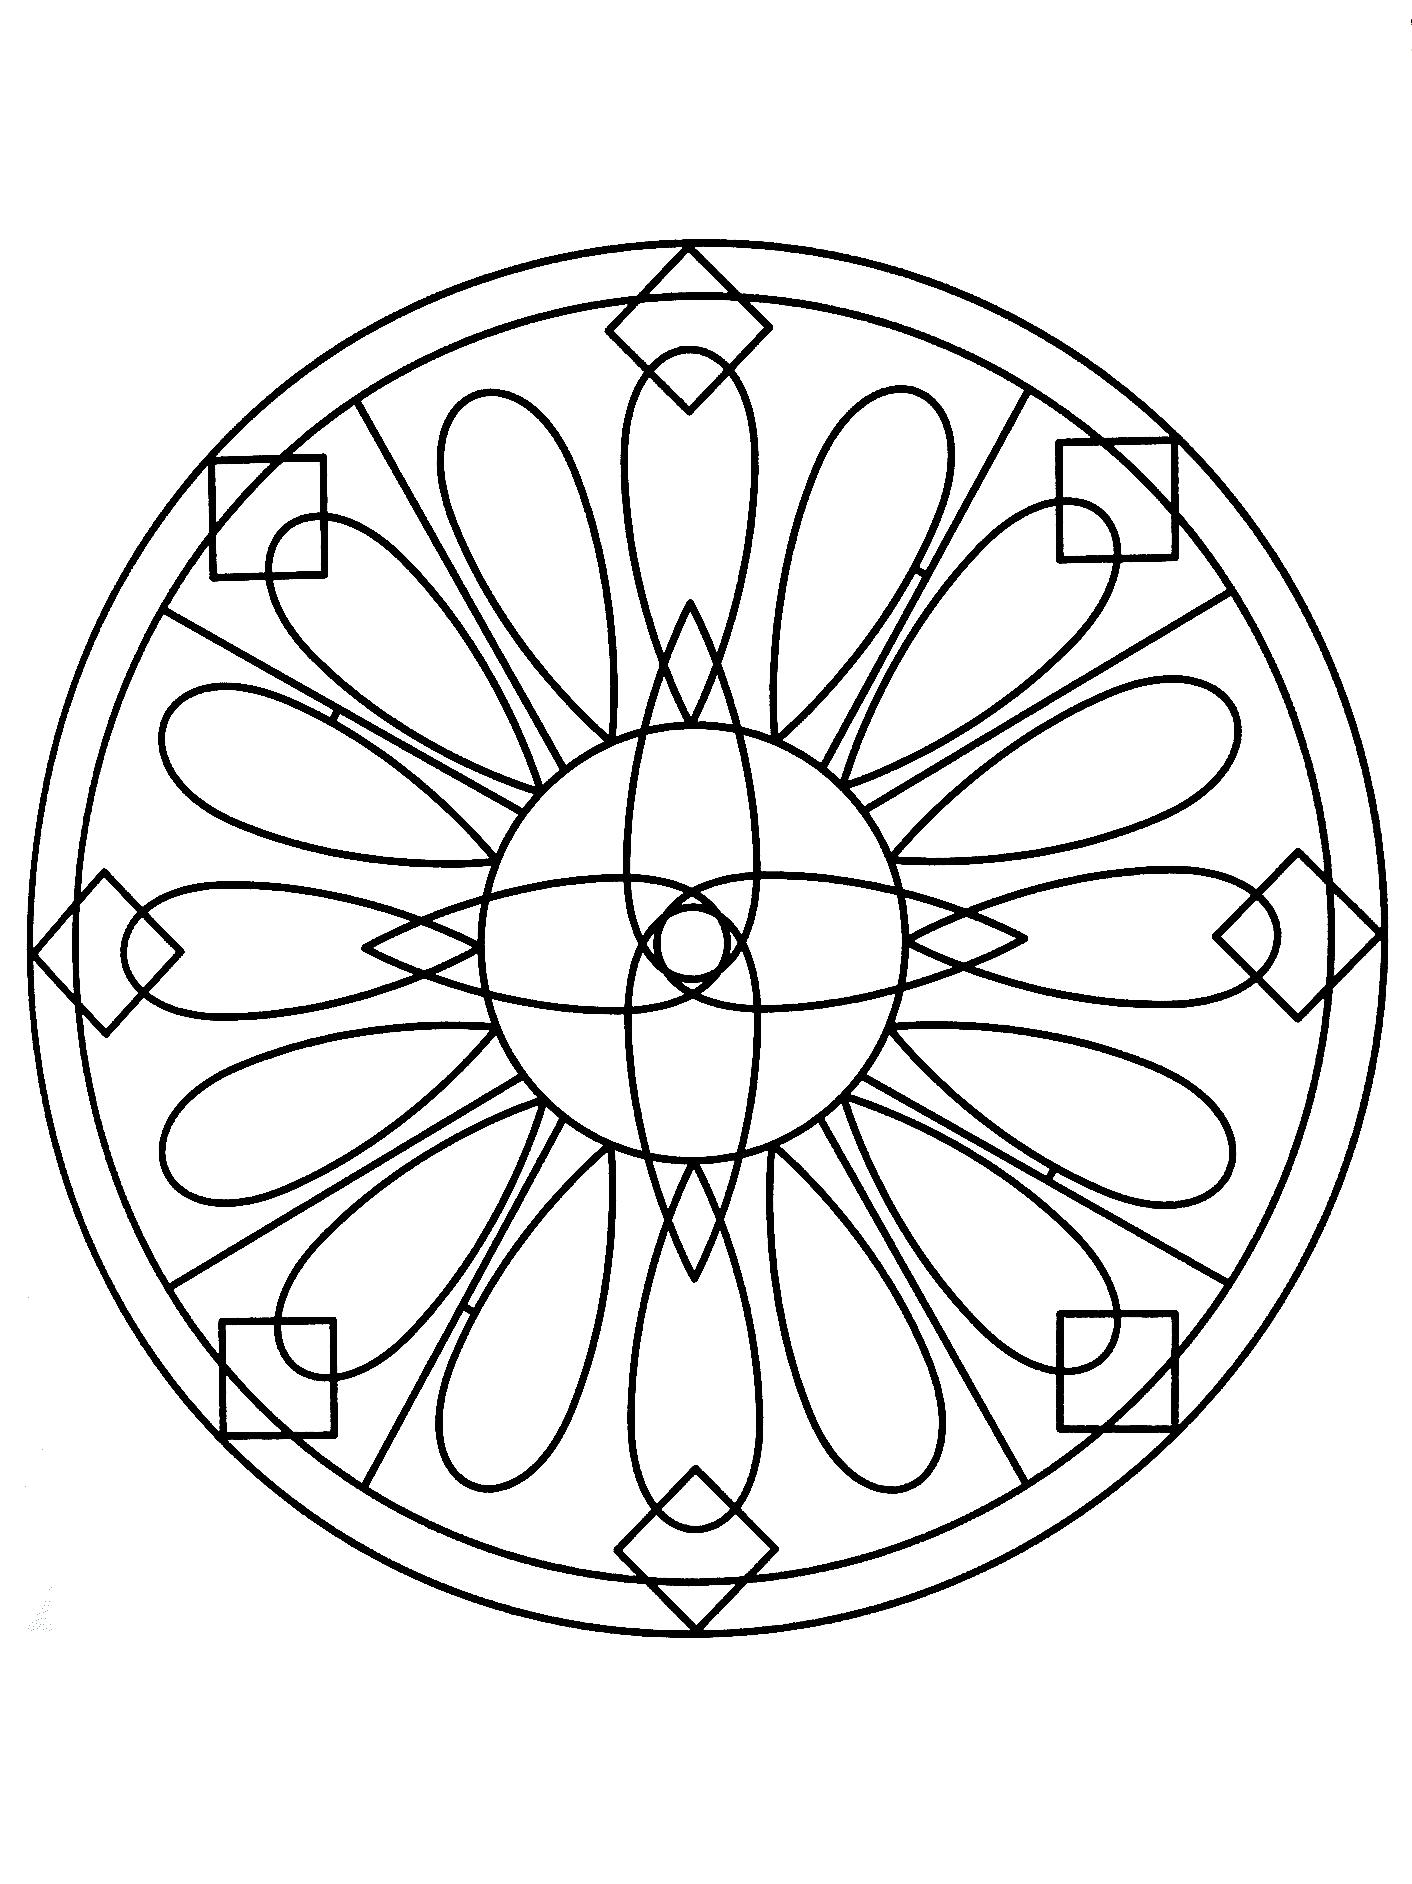 simple mandalas download simple flower mandala coloring pages or print mandalas simple